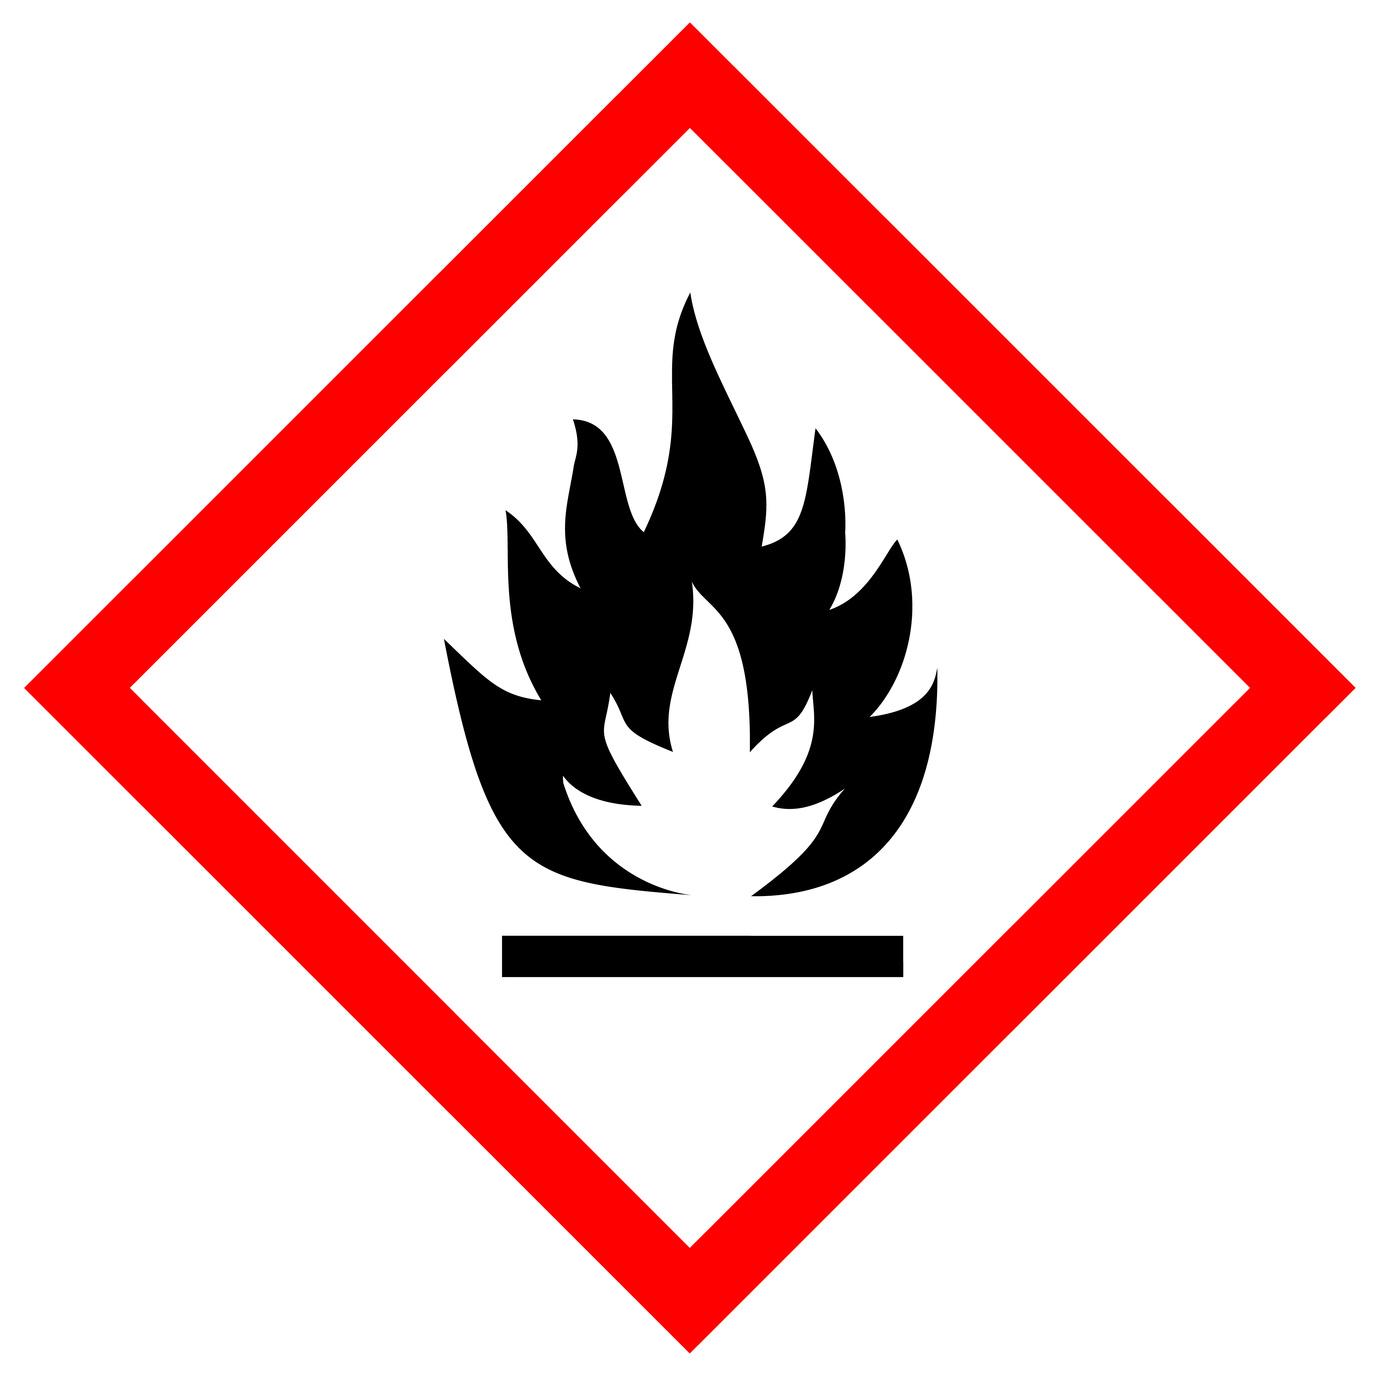 Gefahrenzeichen brandgefahr